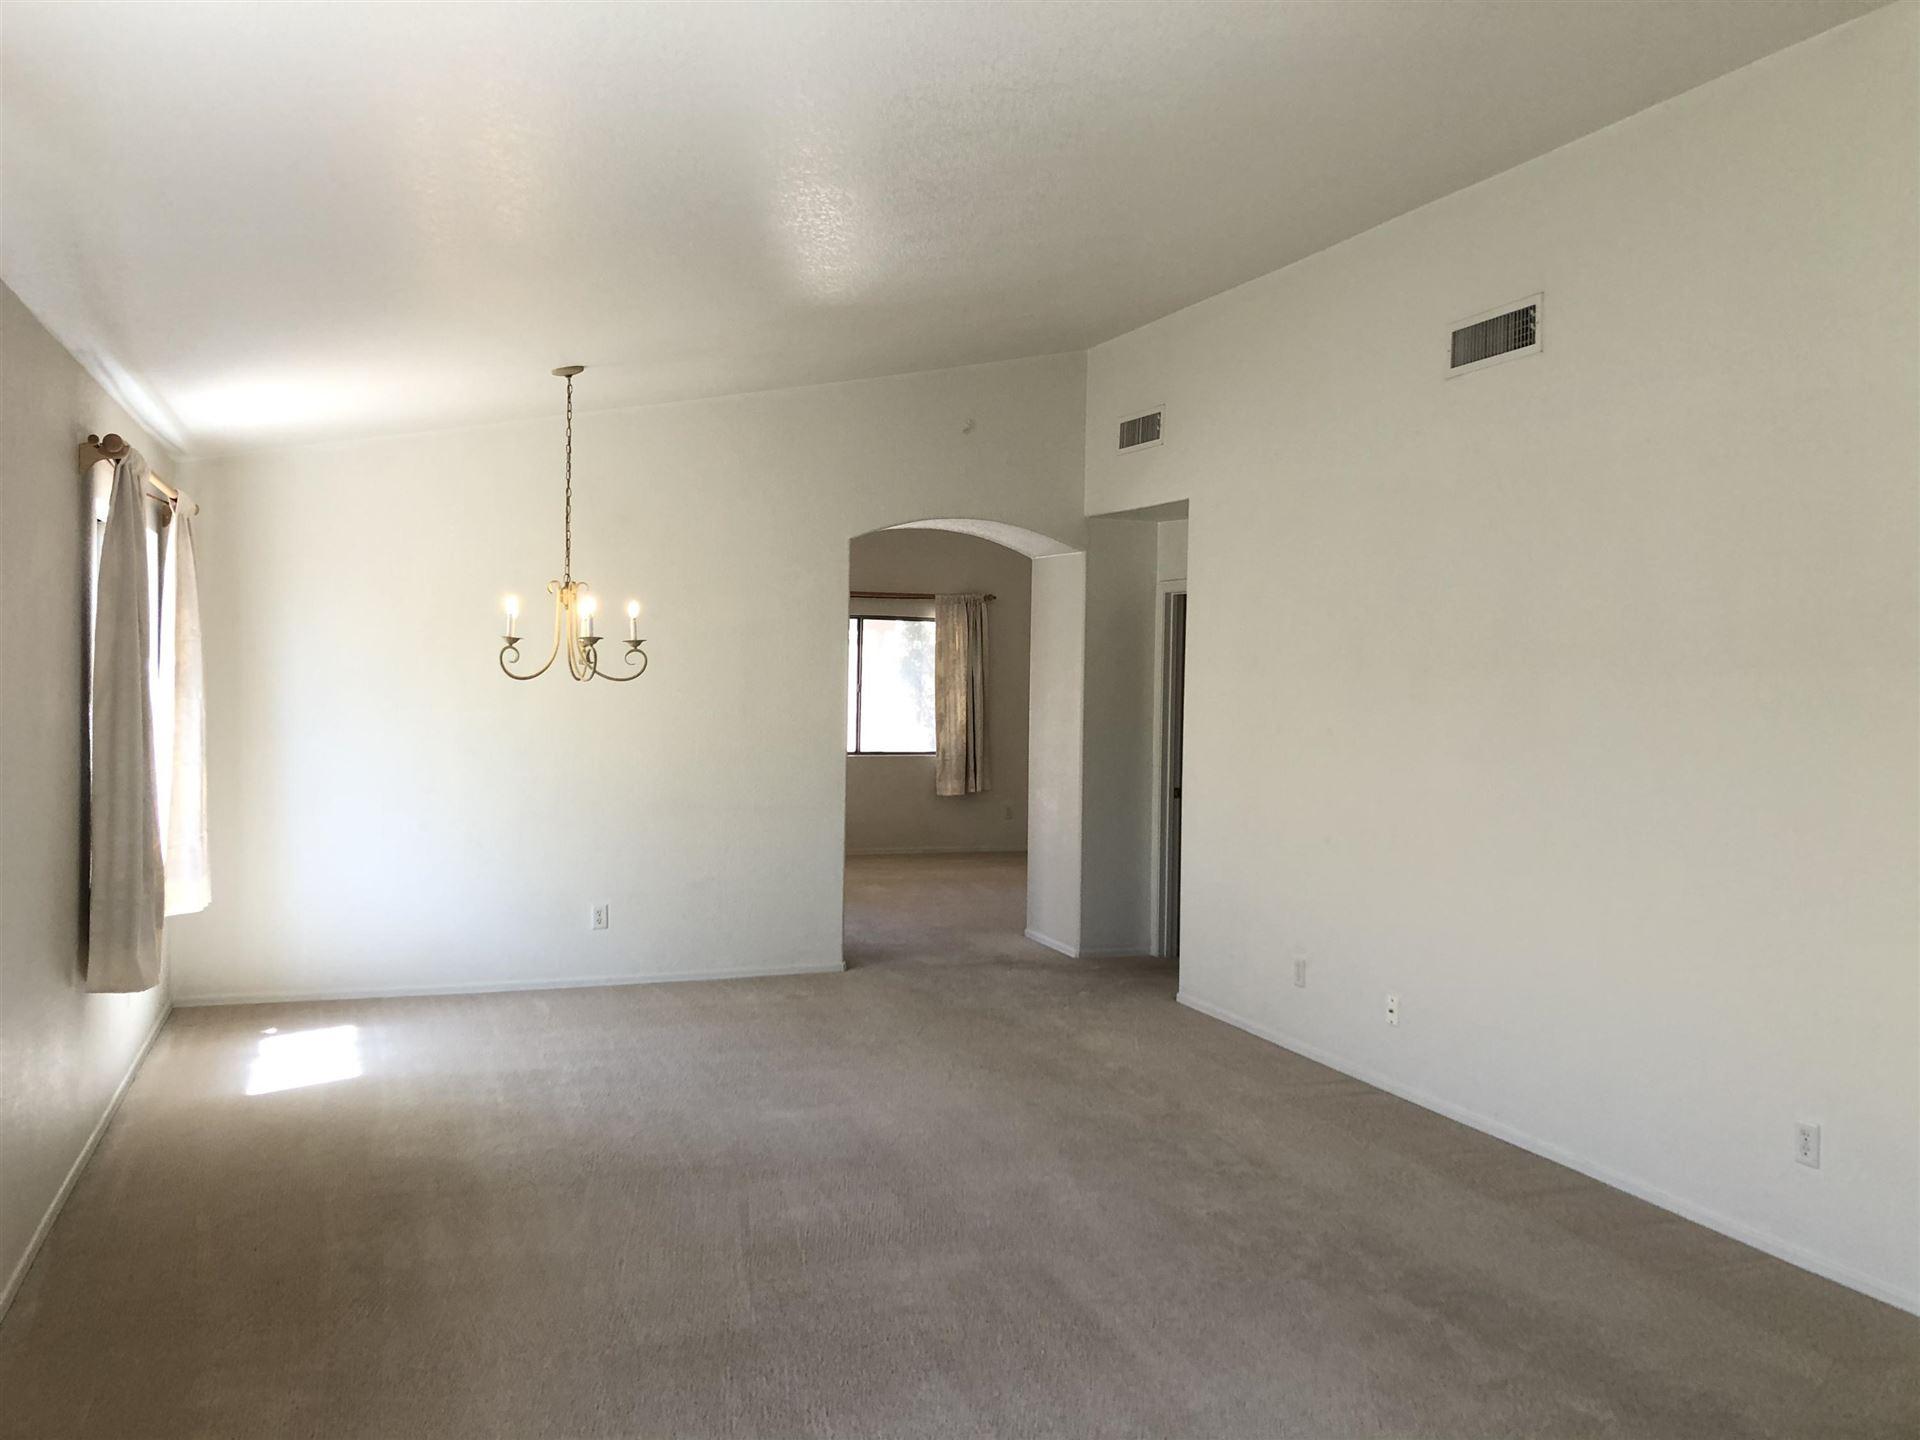 2629 W Cezanne Circle, Tucson, AZ 85741 - MLS#: 22111271